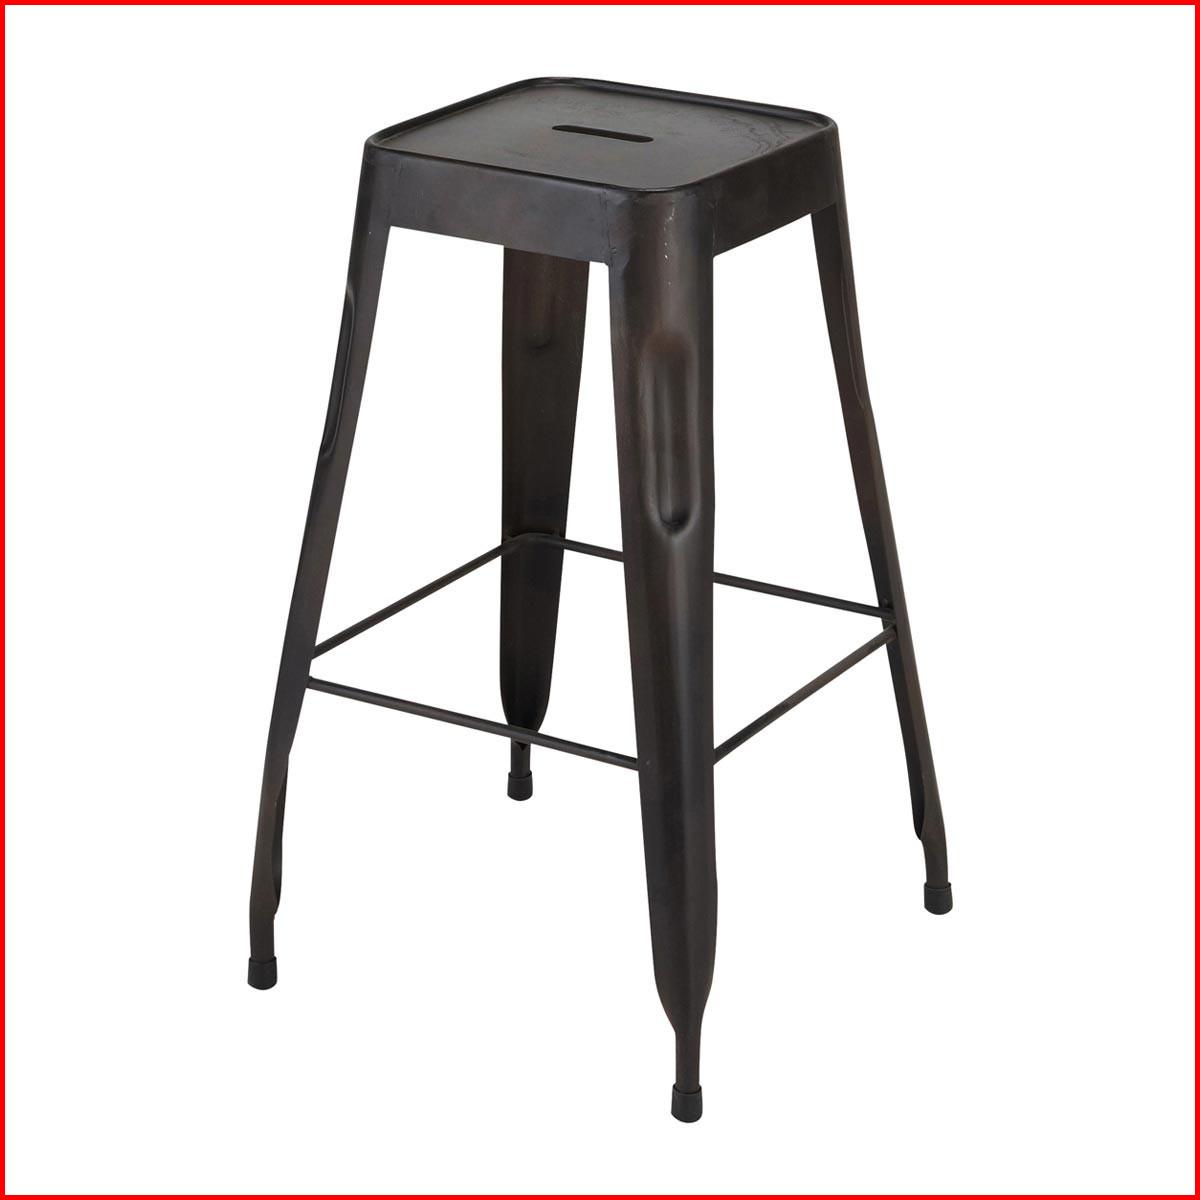 Chaise et tabouret maison du monde - emberizaone.fr